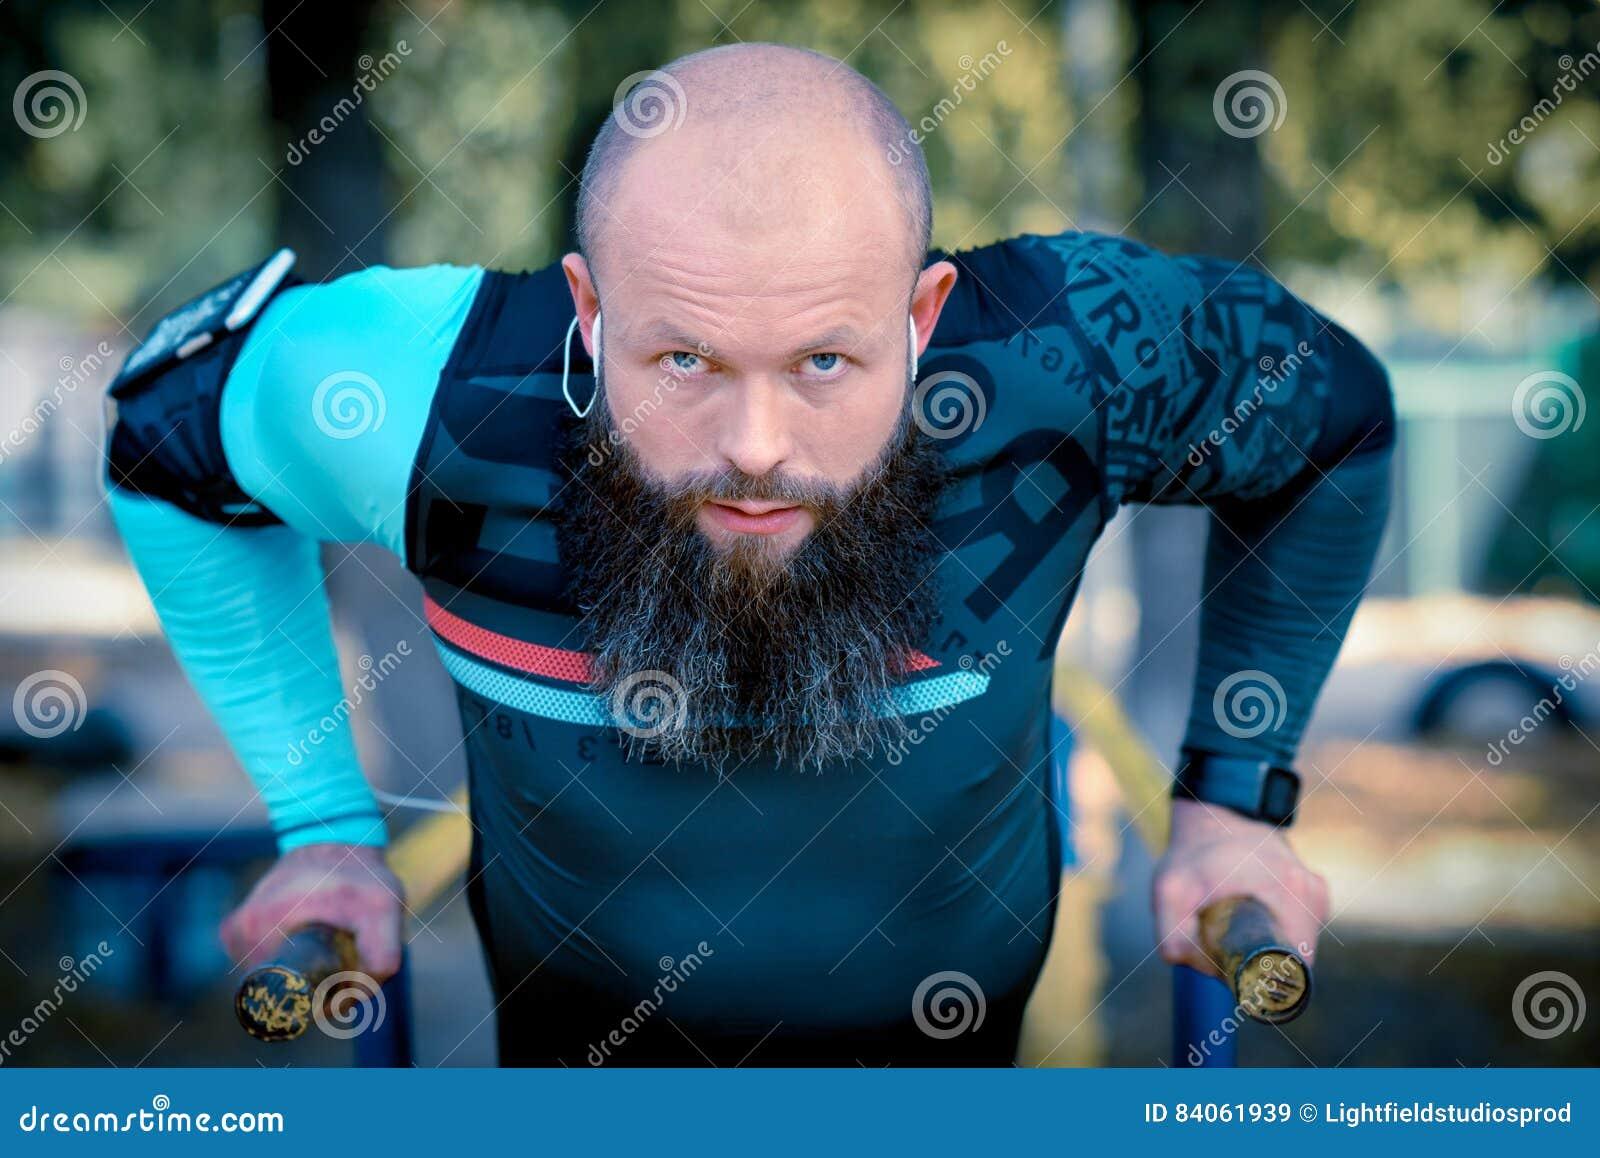 Hombre que hace pectorales en barrases paralelas